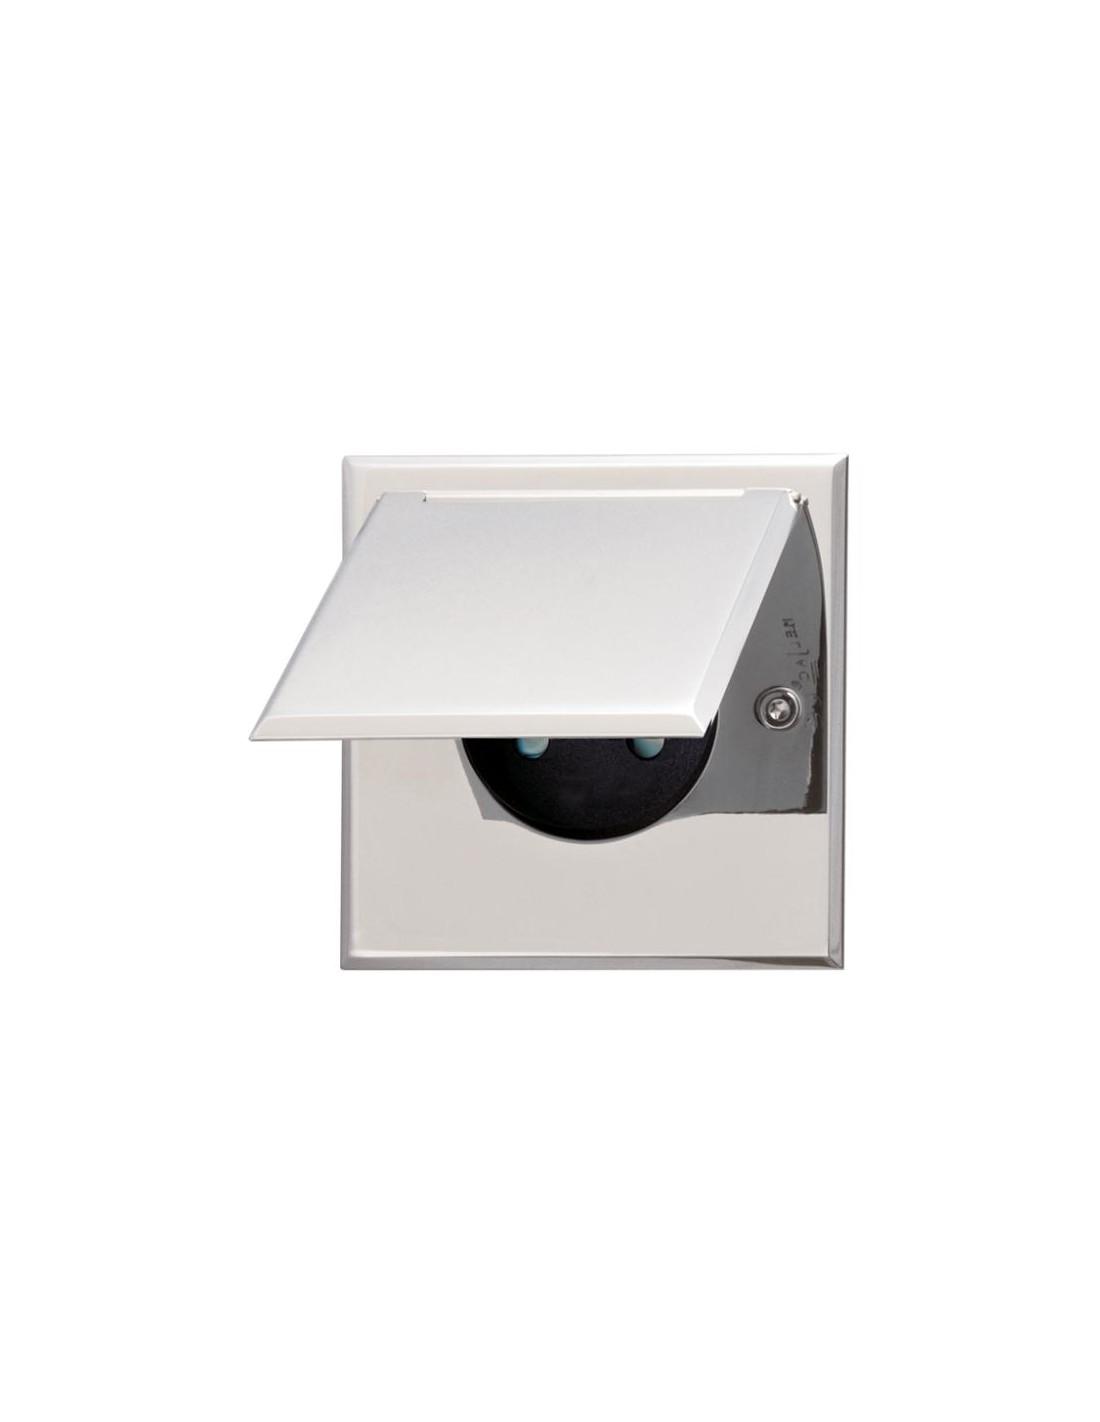 luminaire salle de bain avec prise miroir lumineux. Black Bedroom Furniture Sets. Home Design Ideas